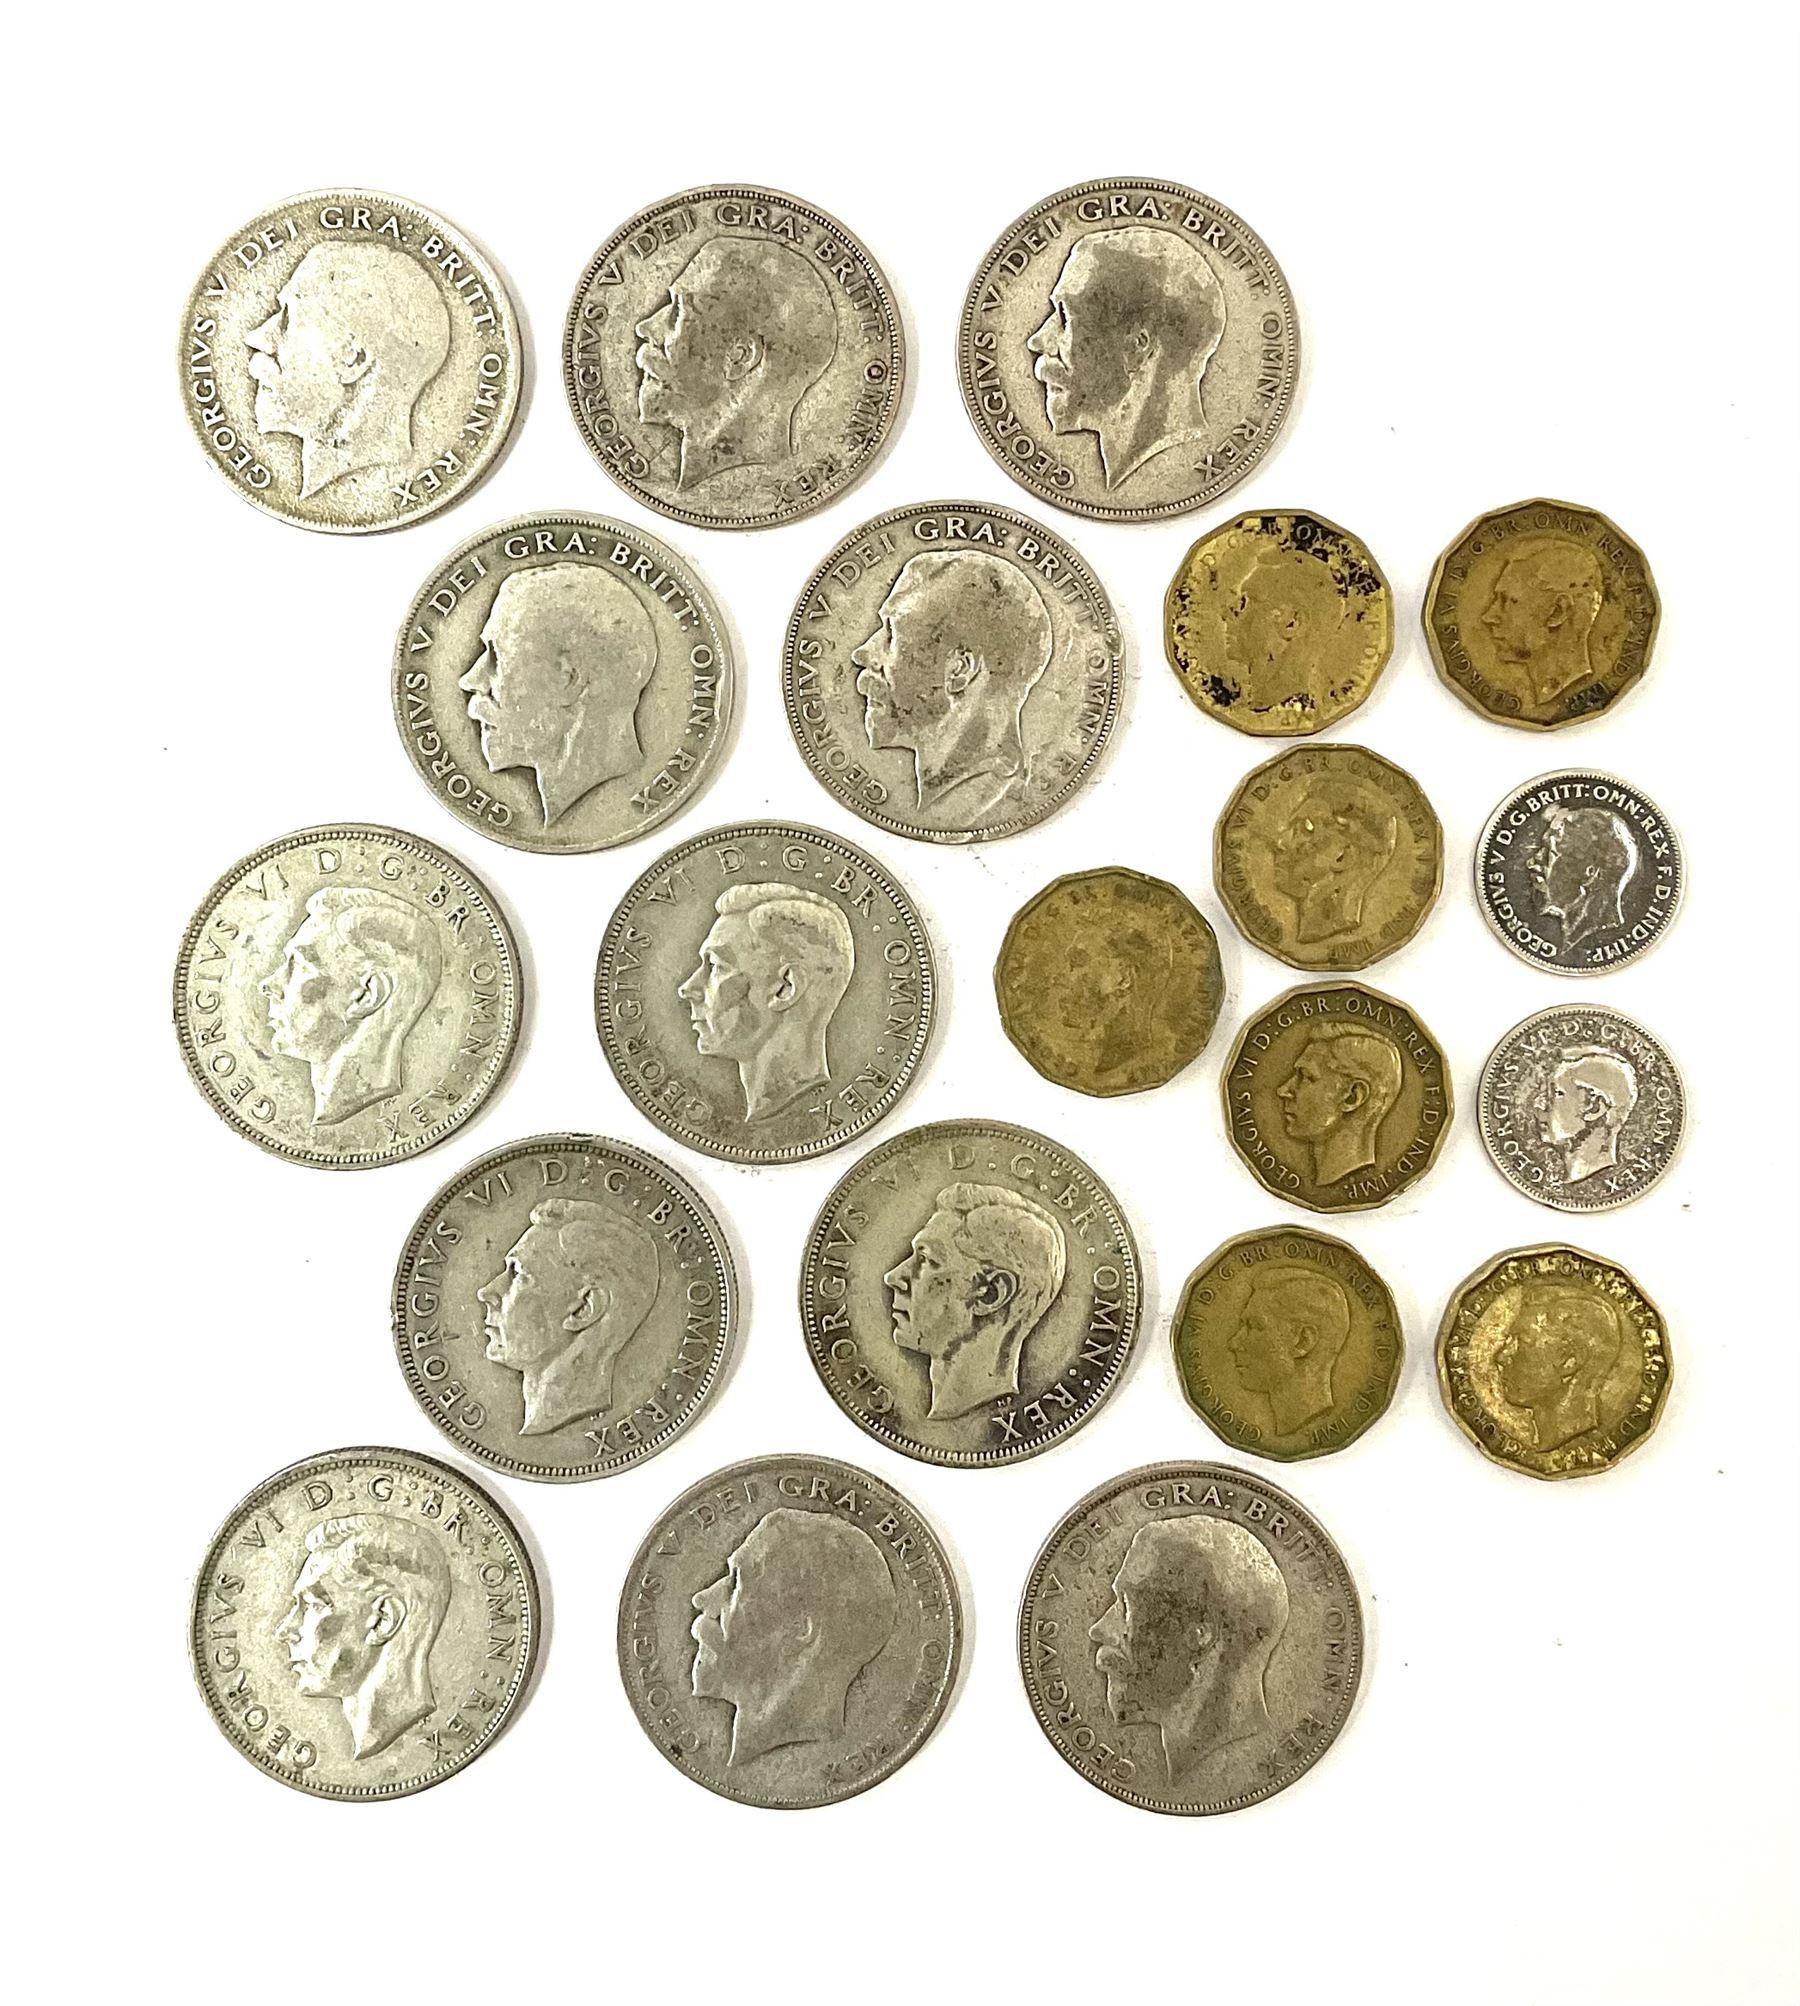 Twelve pre-1947 silver half crown coins